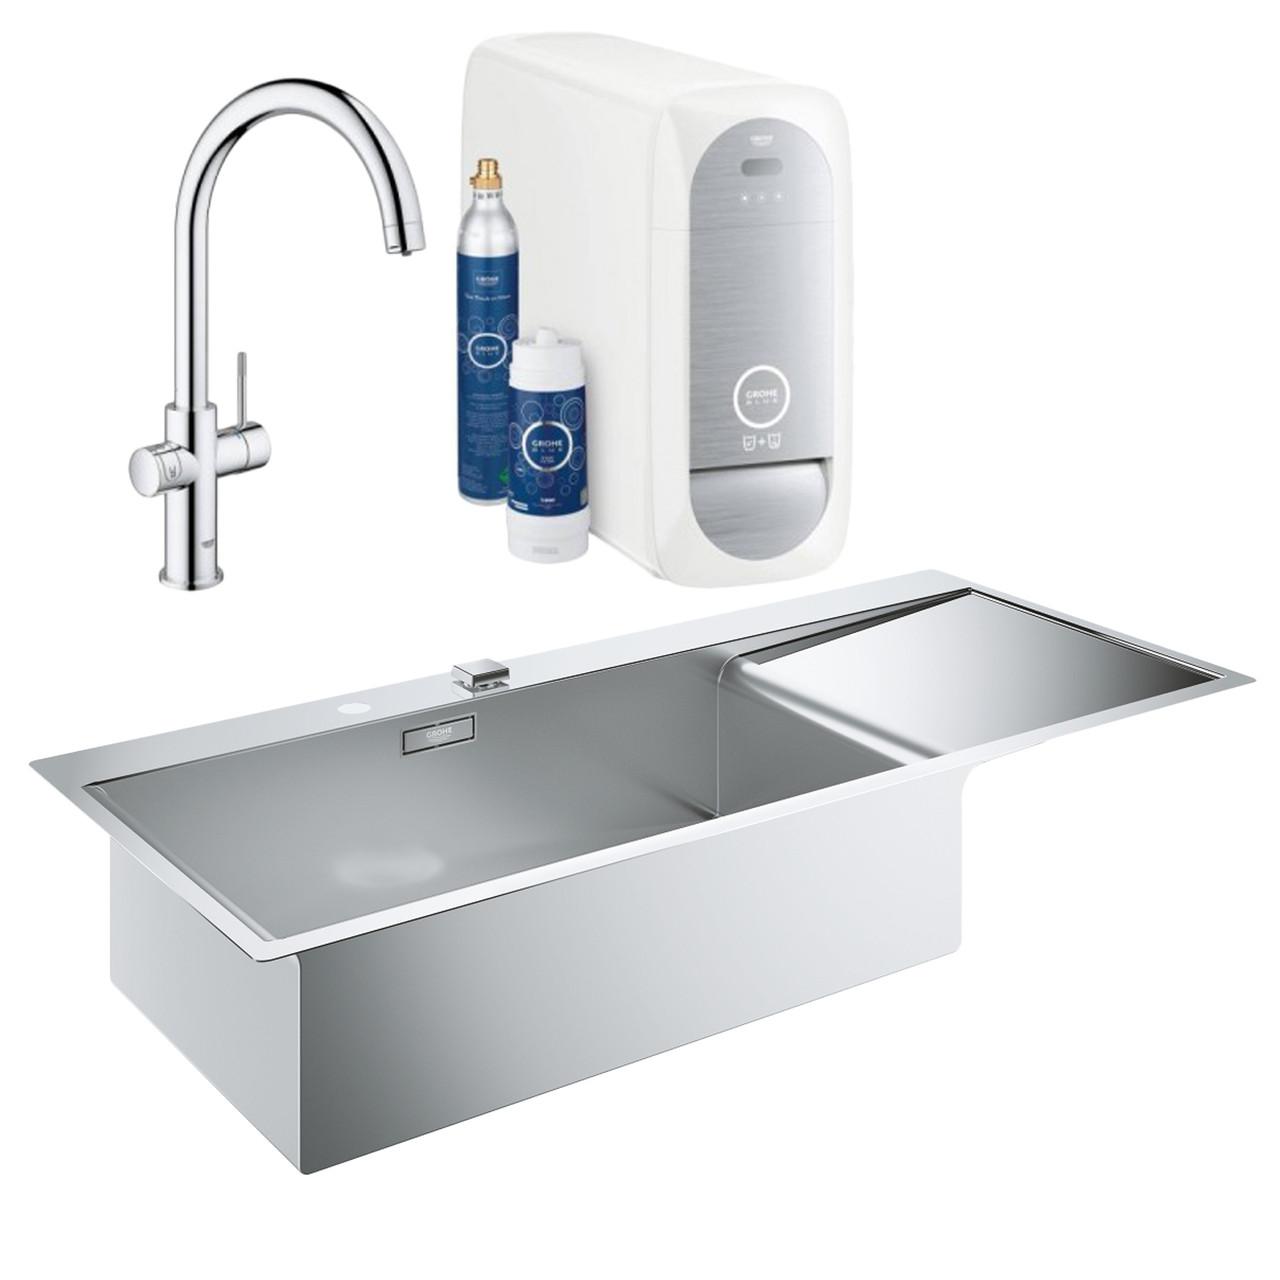 Набор Grohe мойка кухонная K1000 31581SD0 + смеситель Blue Home 31455001